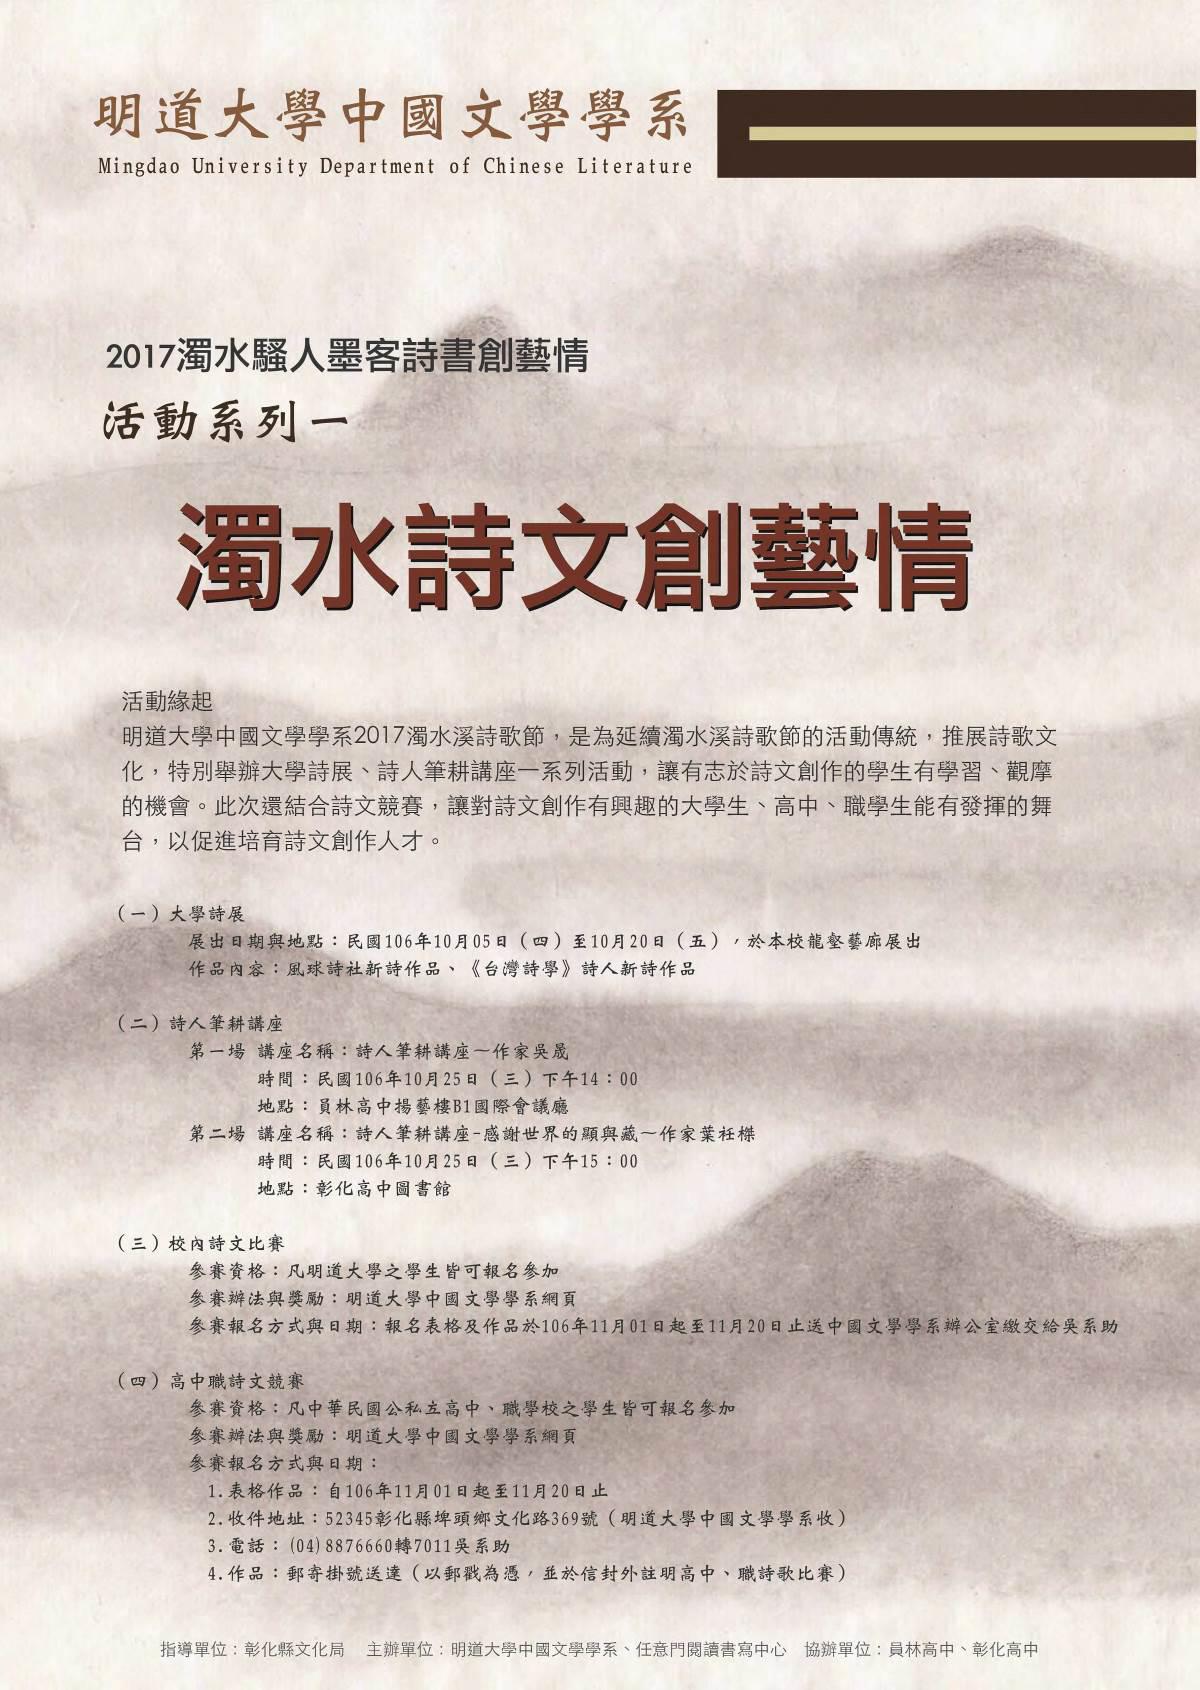 【2017濁水騷人墨客詩書創藝情】濁水筆書創藝情.高中職書法競賽